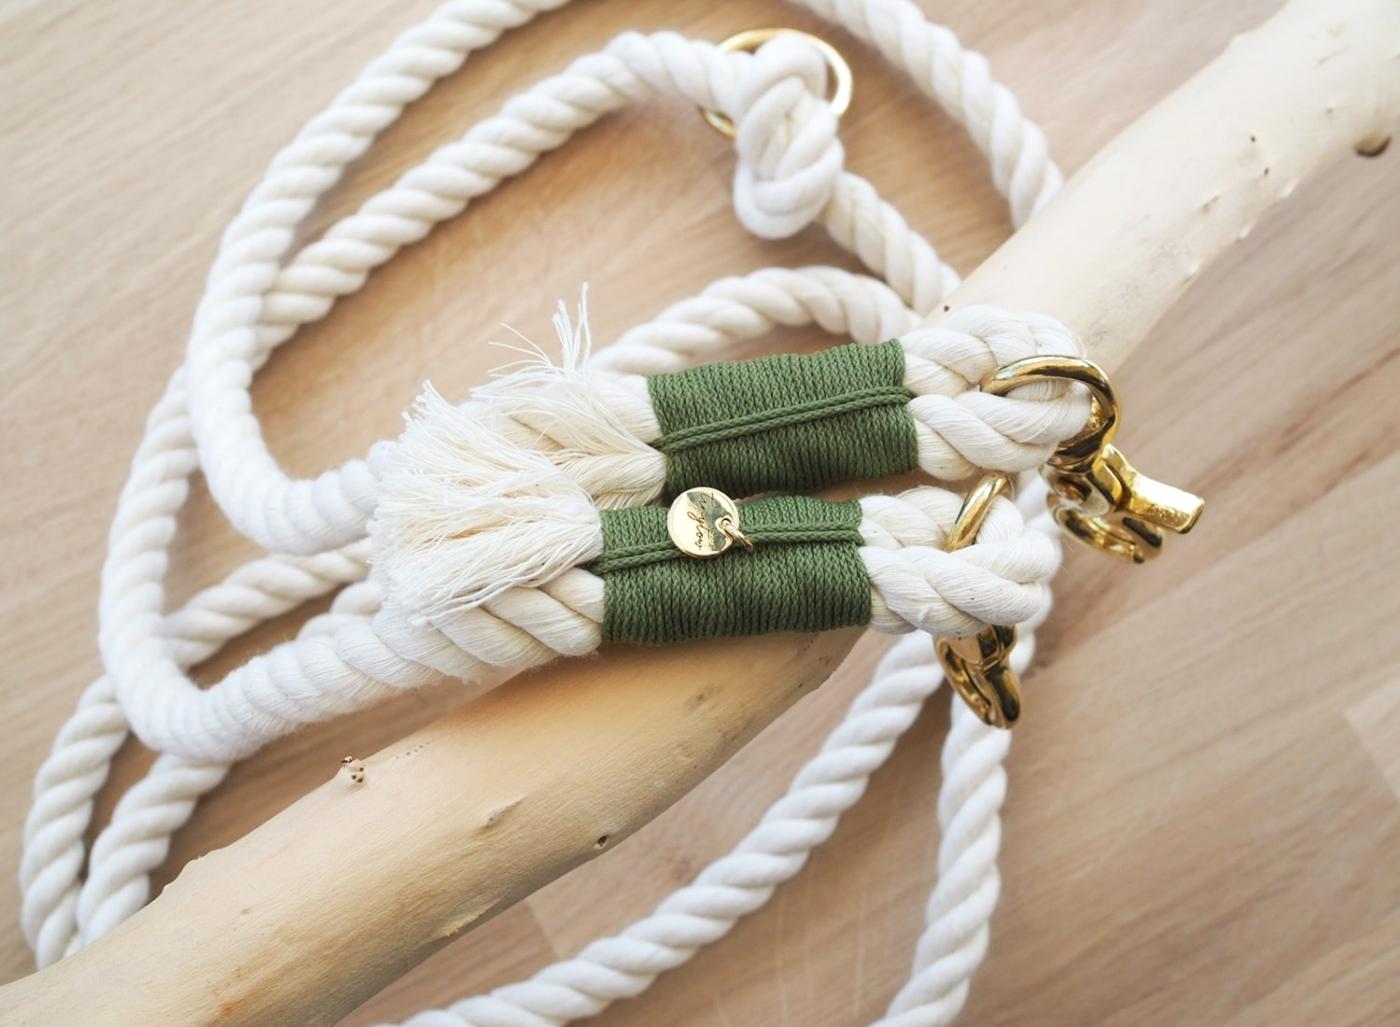 Hundeleine aus Tau aus gedrehtem cremefarbenen Tau, olivgrüner Umwickelung und goldenen Details